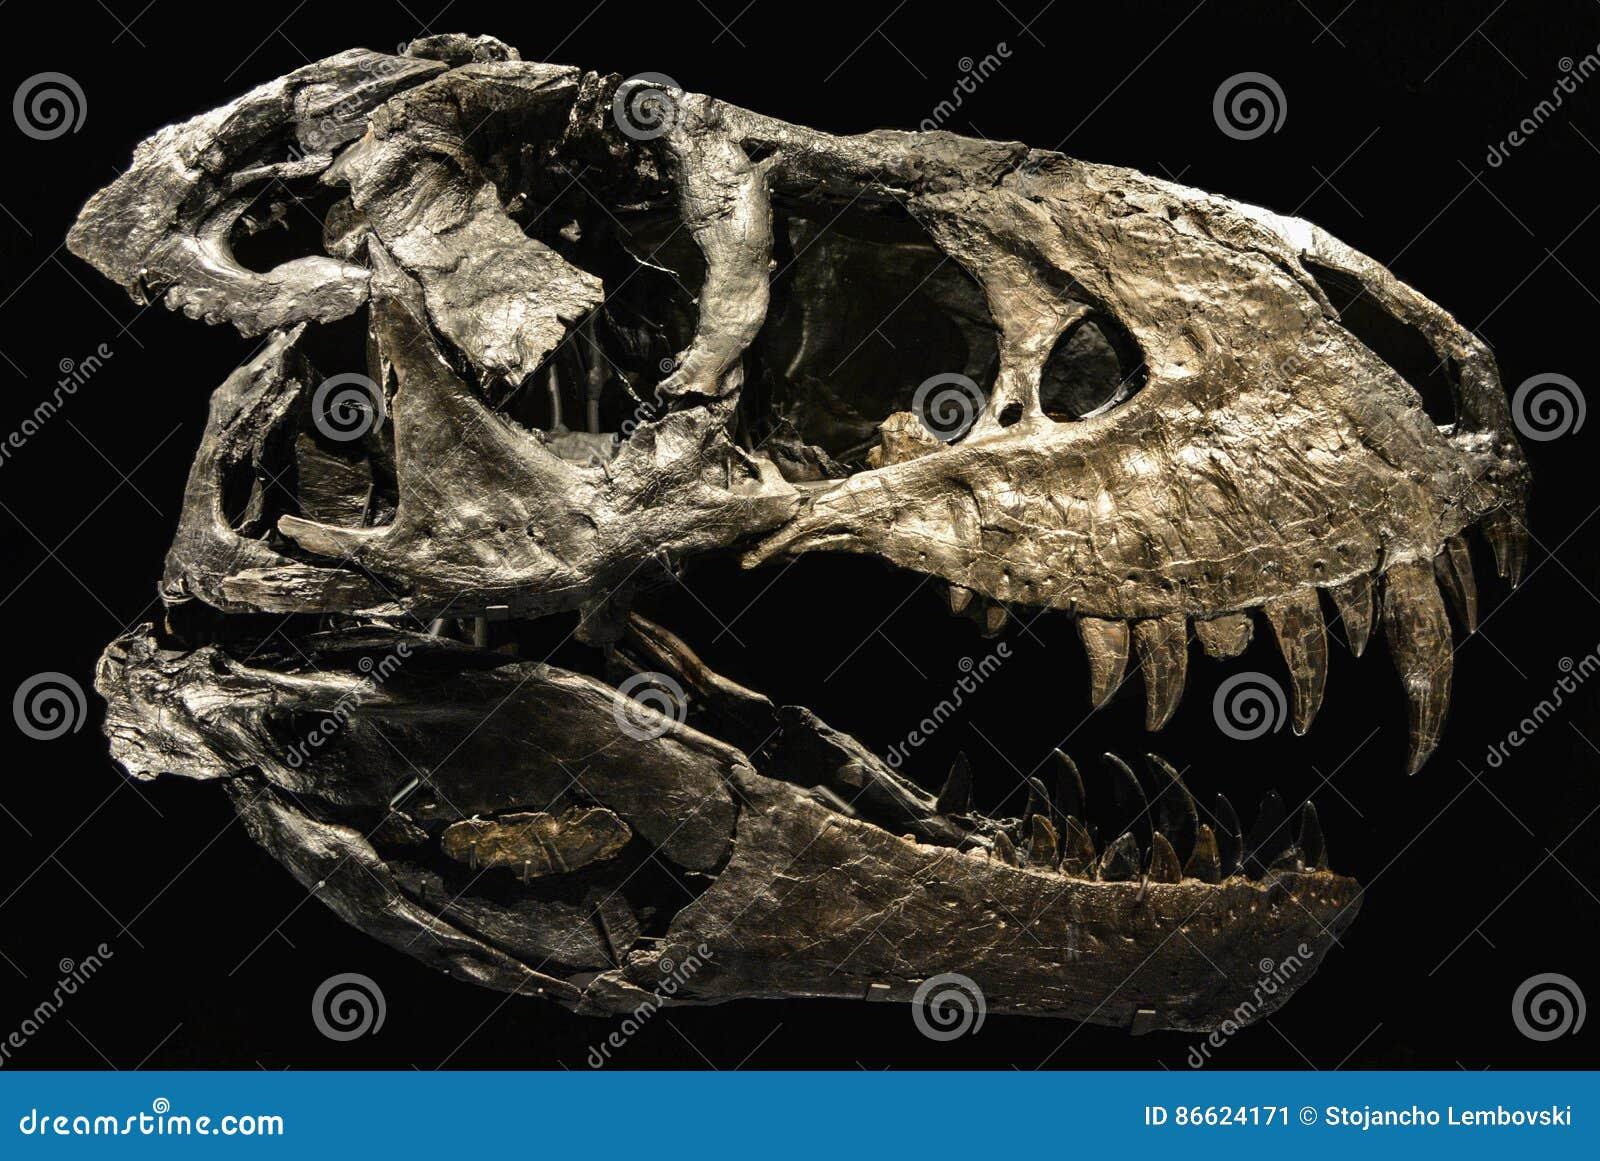 Een skelet van een dinosaurus